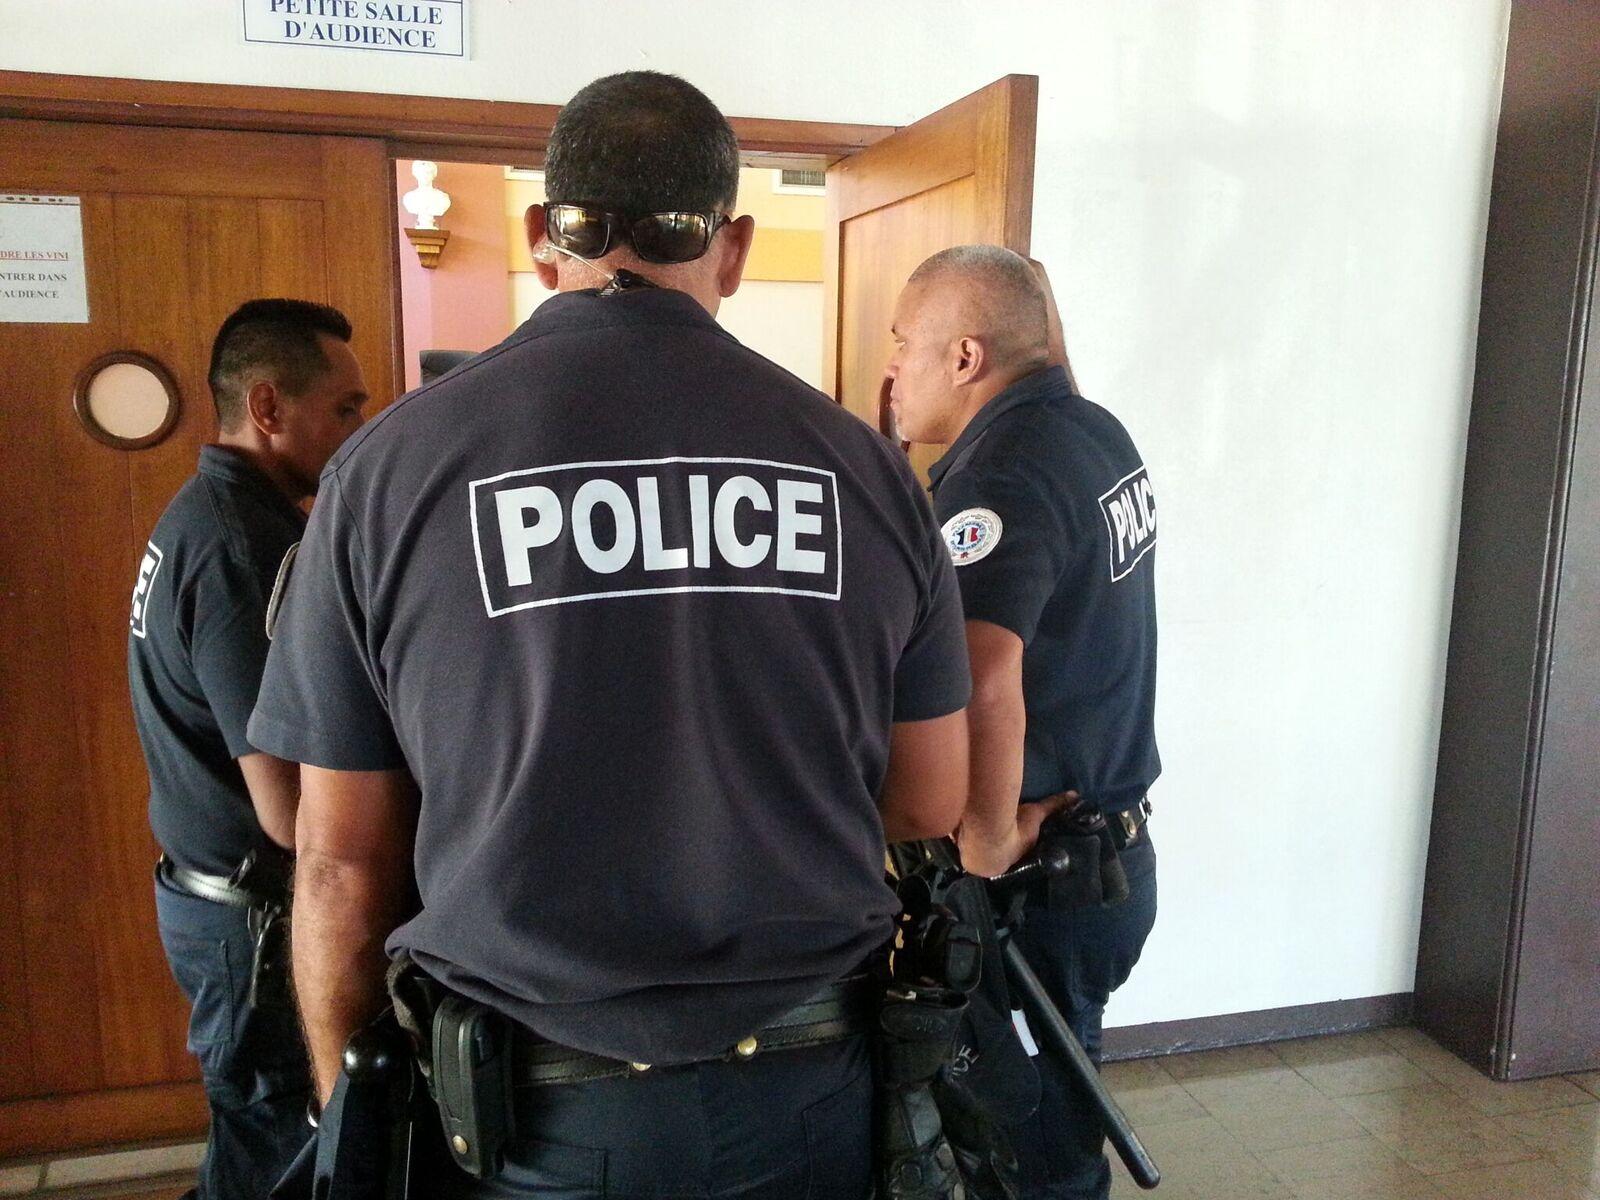 Pirae : Le voleur de l'hôpital part en prison pour 2 ans